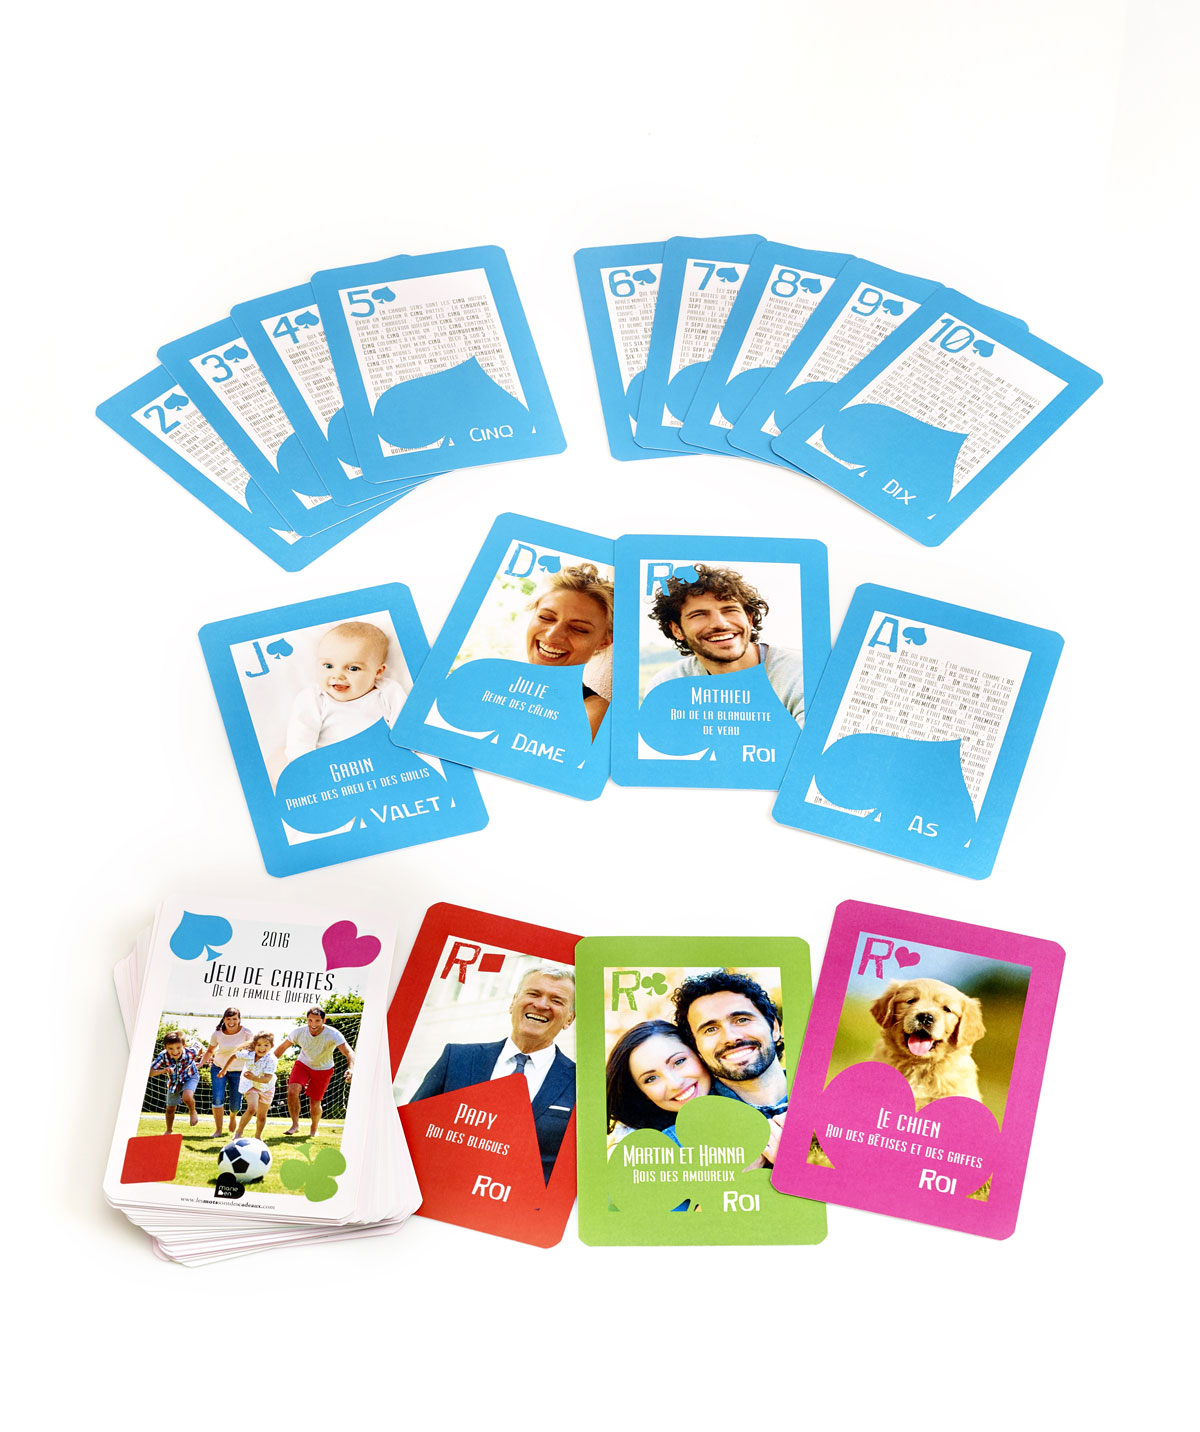 jeu de cartes personnalis avec les vrais personnages de la famille. Black Bedroom Furniture Sets. Home Design Ideas